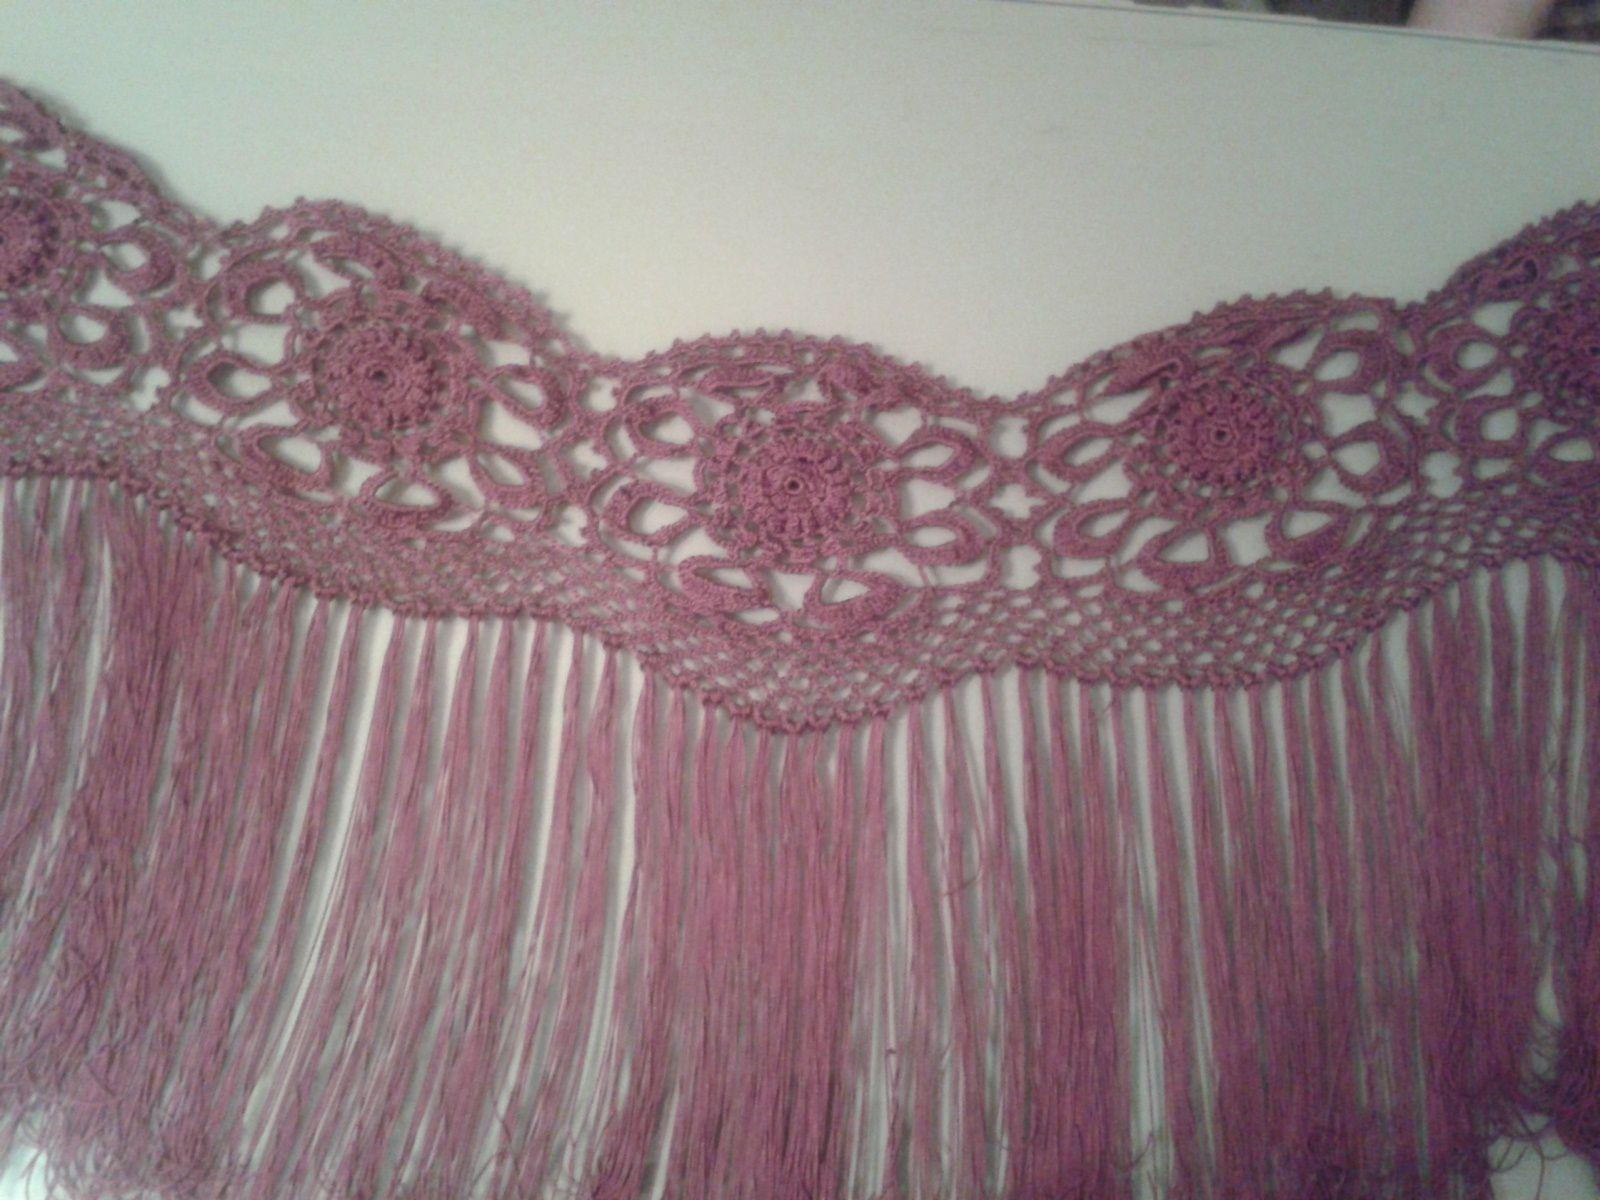 Estos Mantones Están A Partir De 70 Euros Dependiendo Del Modelo Modelo Y Largo De Flecos Material De Seda Algodón Canut Mantones Flamenca Croché Manton